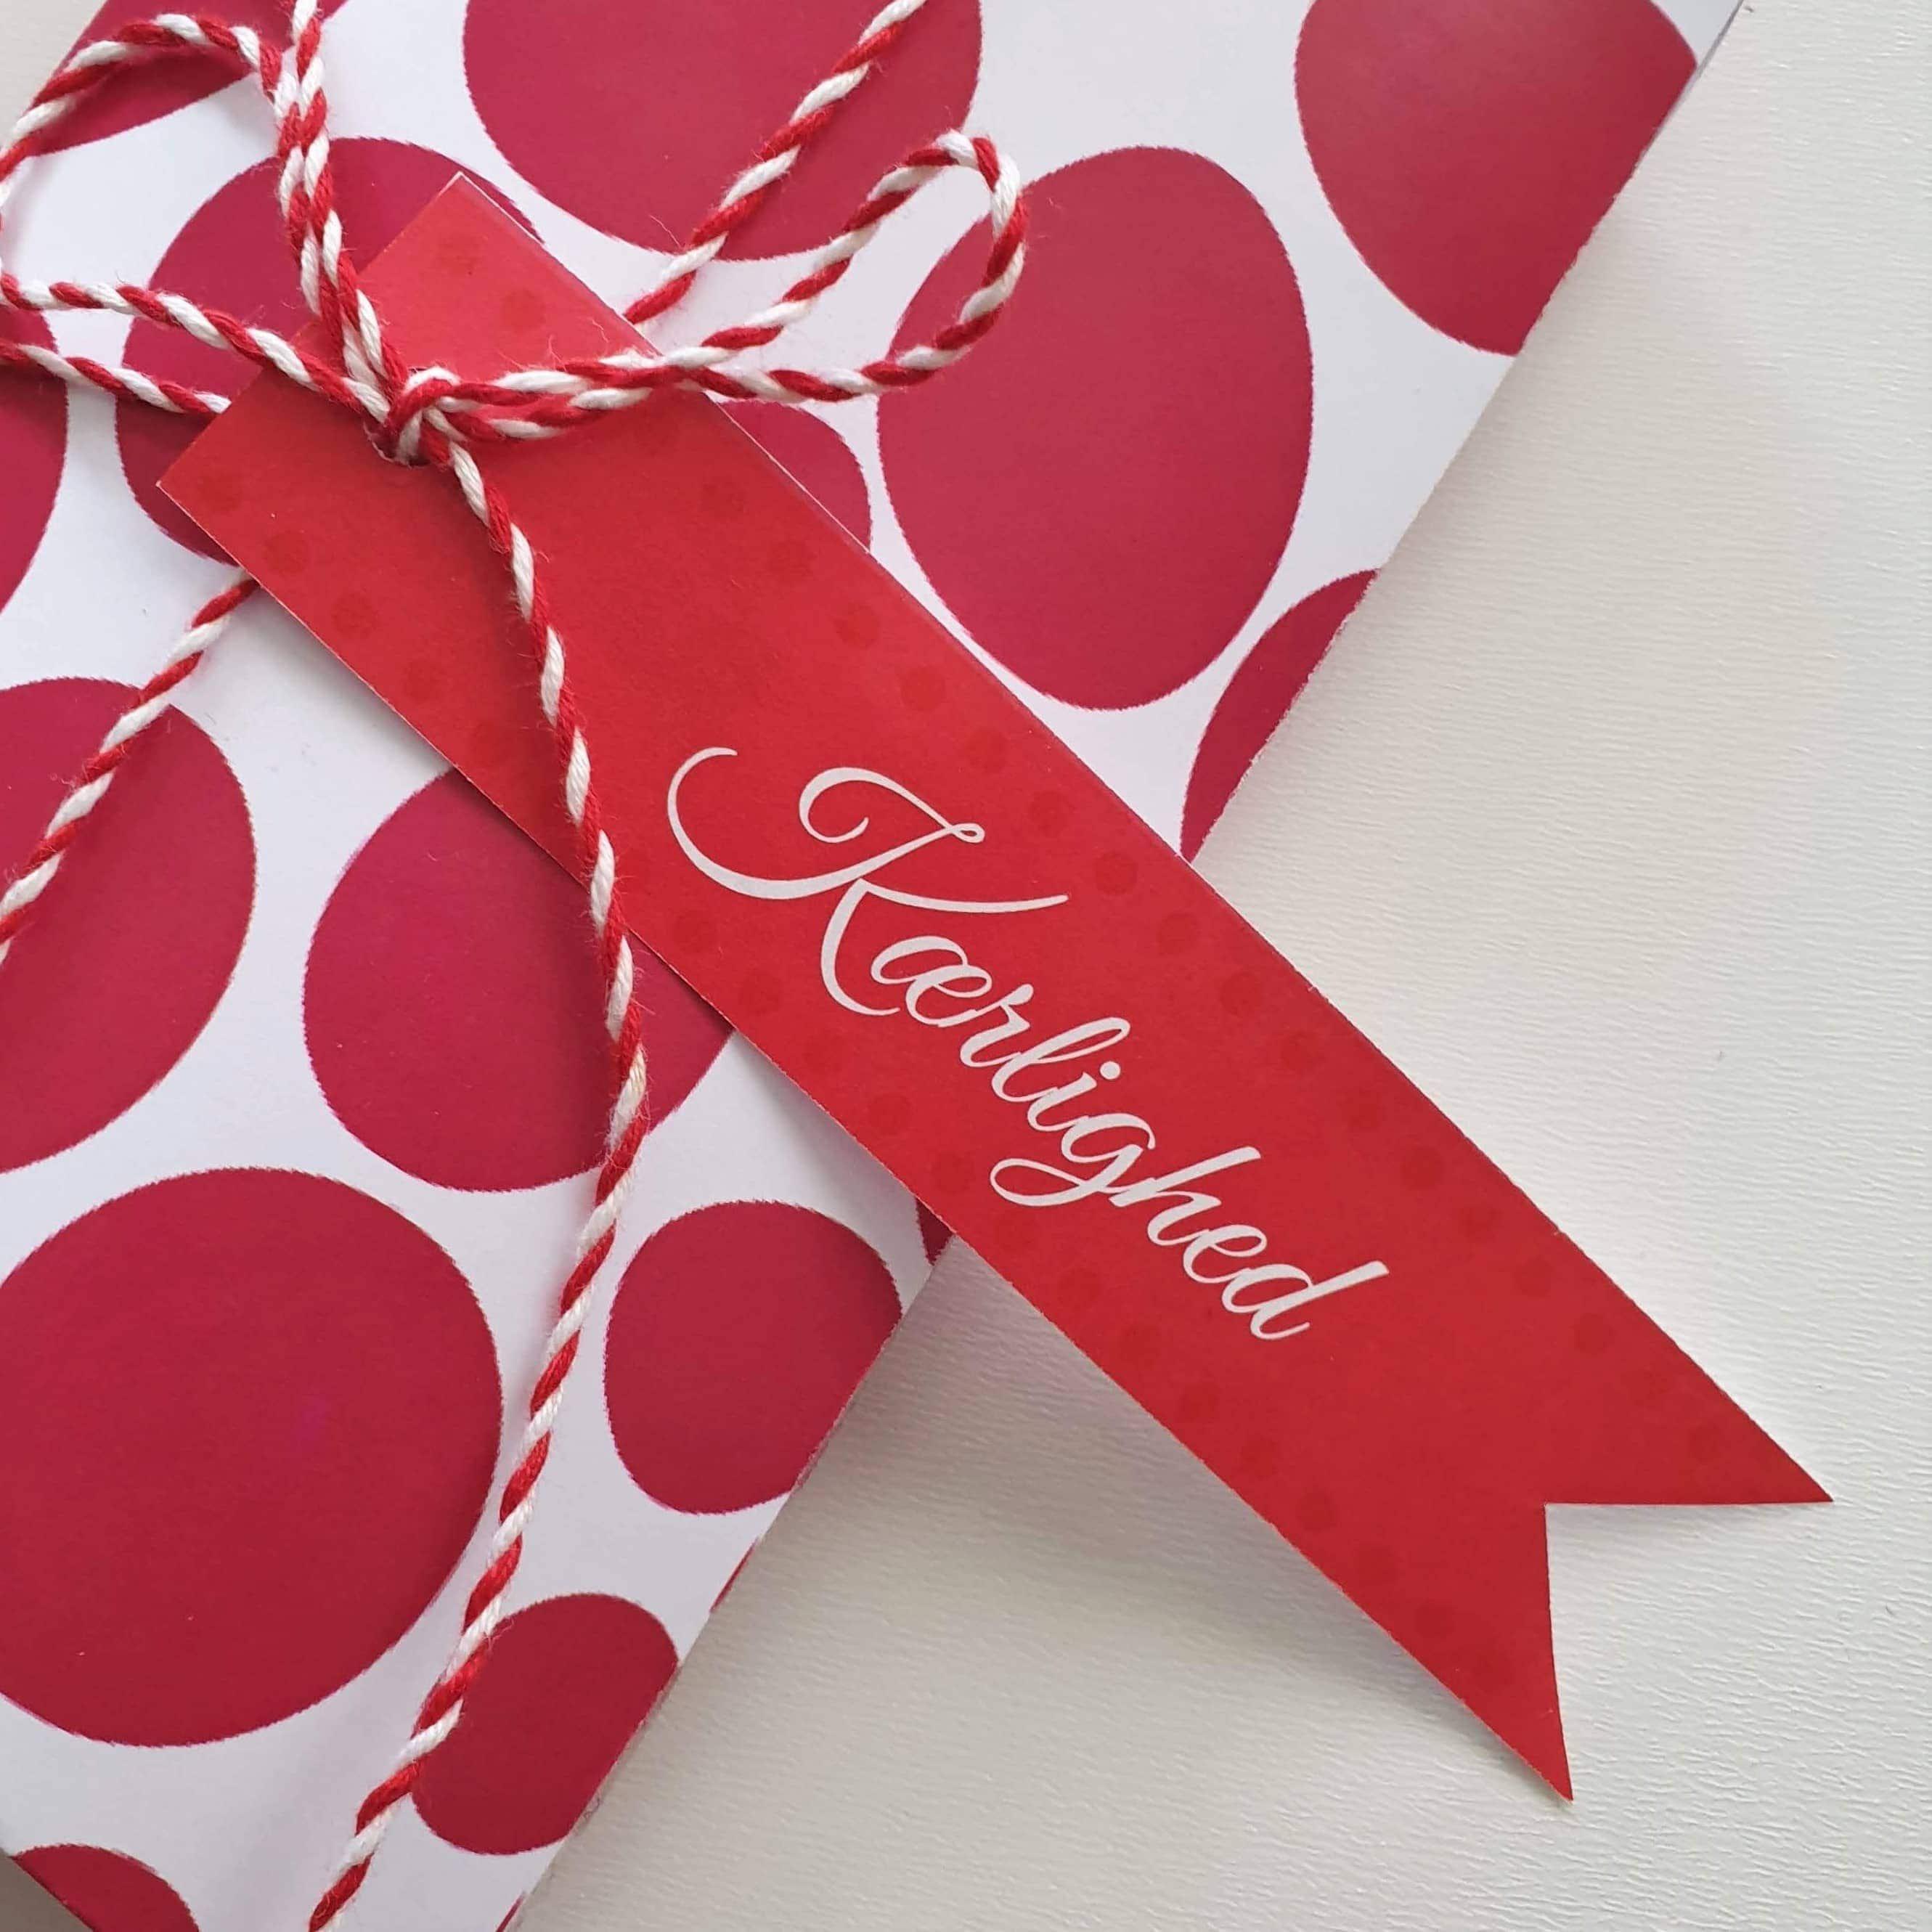 Gavemærker til de store følelser - Valentine og kærlighed, fødselsdag og fejring - find også gaveæsker og til-fra kort, der matcher – find gratis print, opskrifter og inspiration til årets gang på danishthings.com #Valentine #Kærlighed #gaver #gavemærker